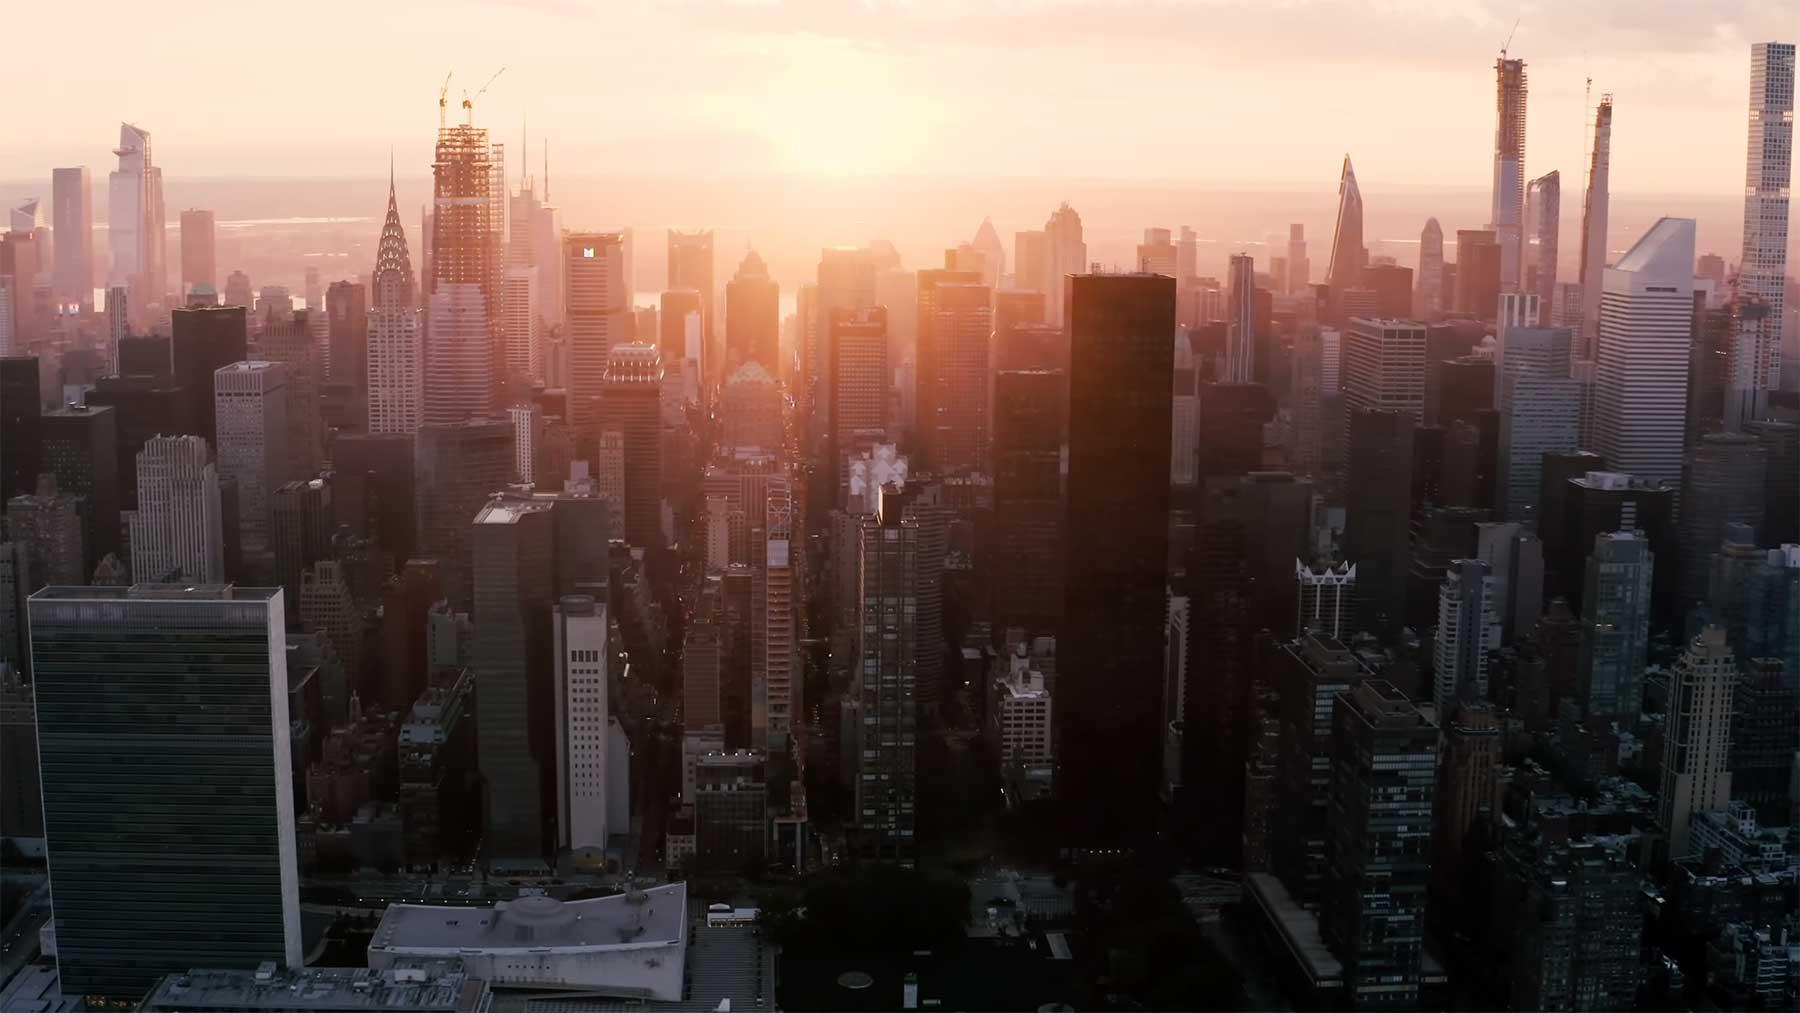 71 Minuten New York City aus der Luft new-york-city-aus-der-luft-betrachtet